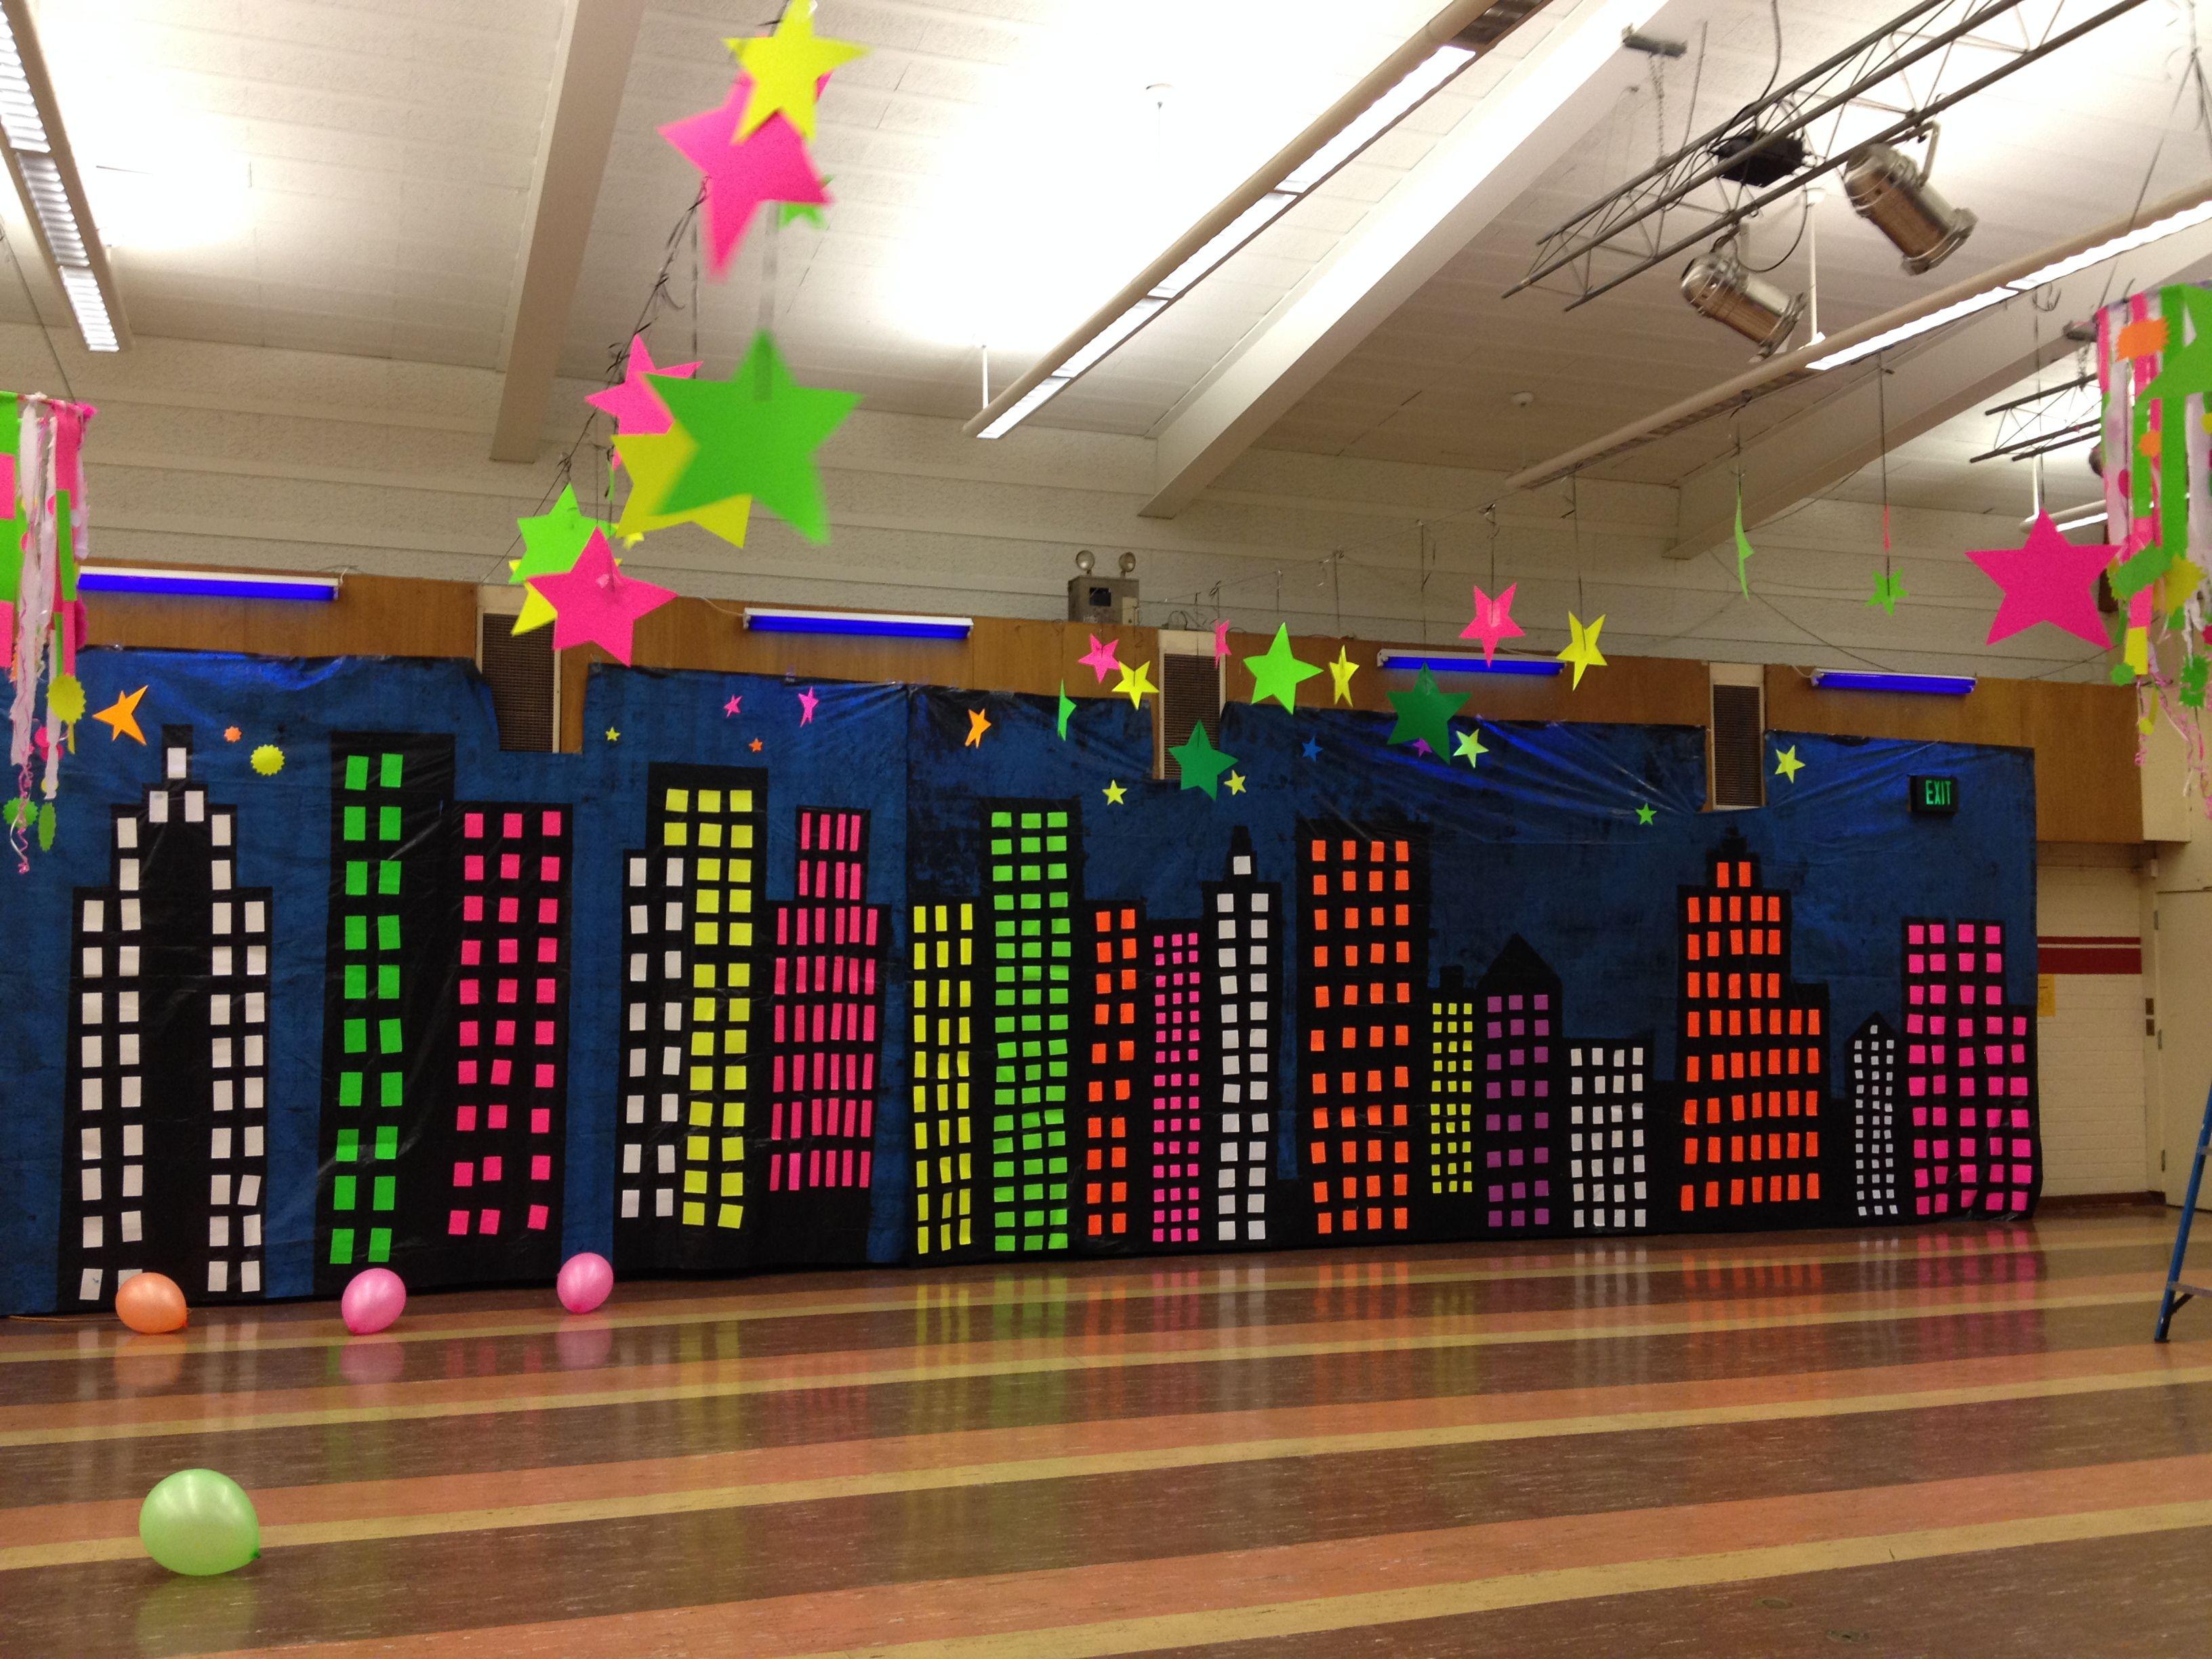 Halloween Decorations For School Dance